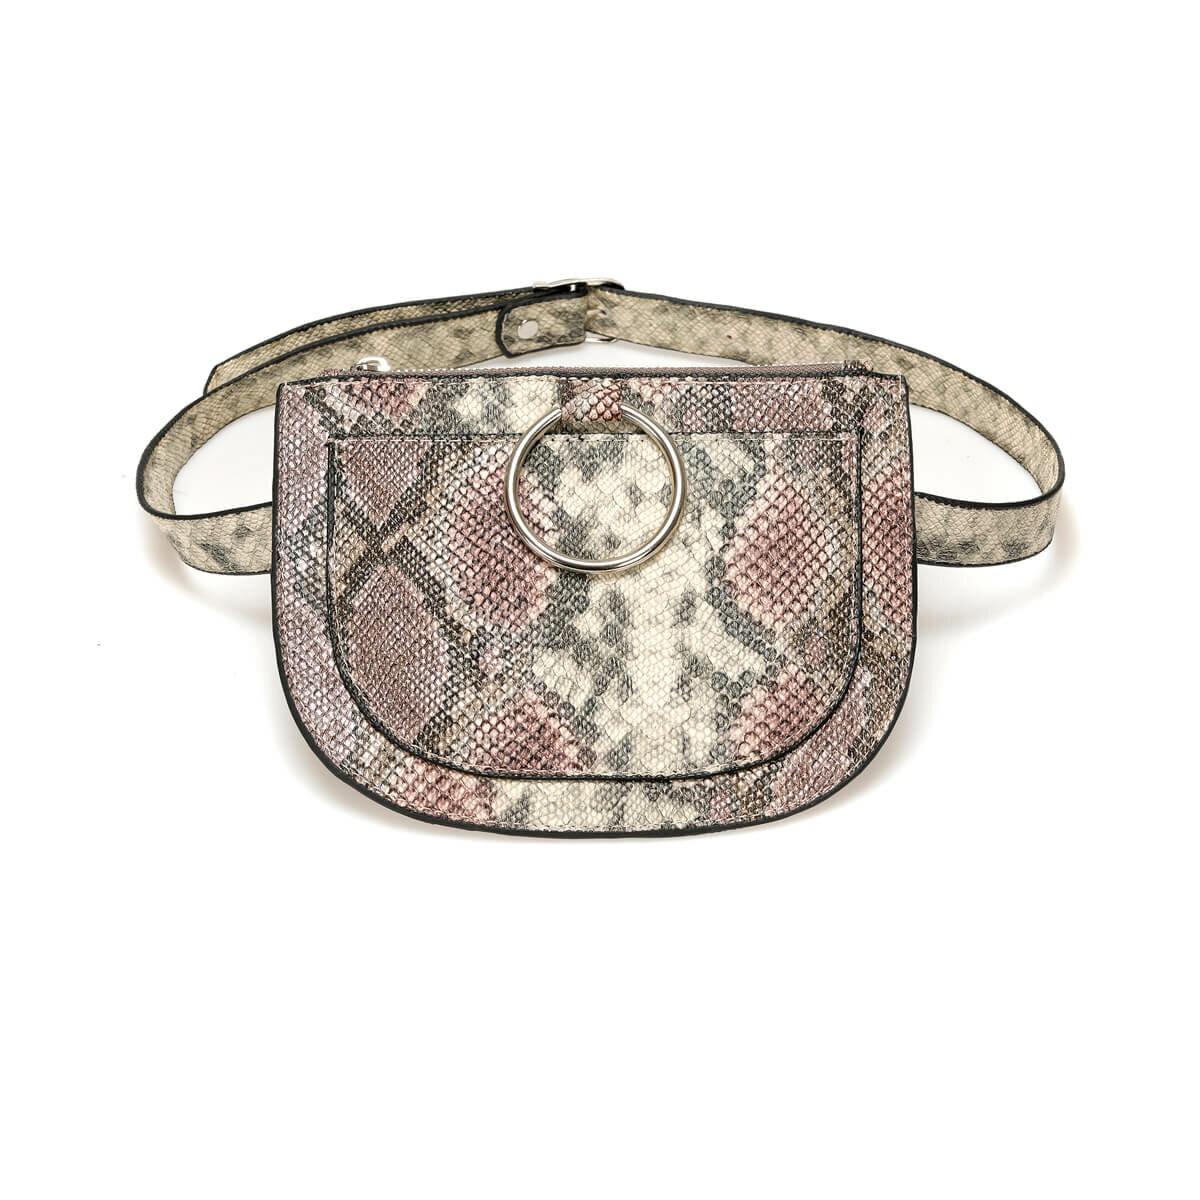 FLO TMK19018 31Z Burgundy Women 'S Waist Bag BUTIGO